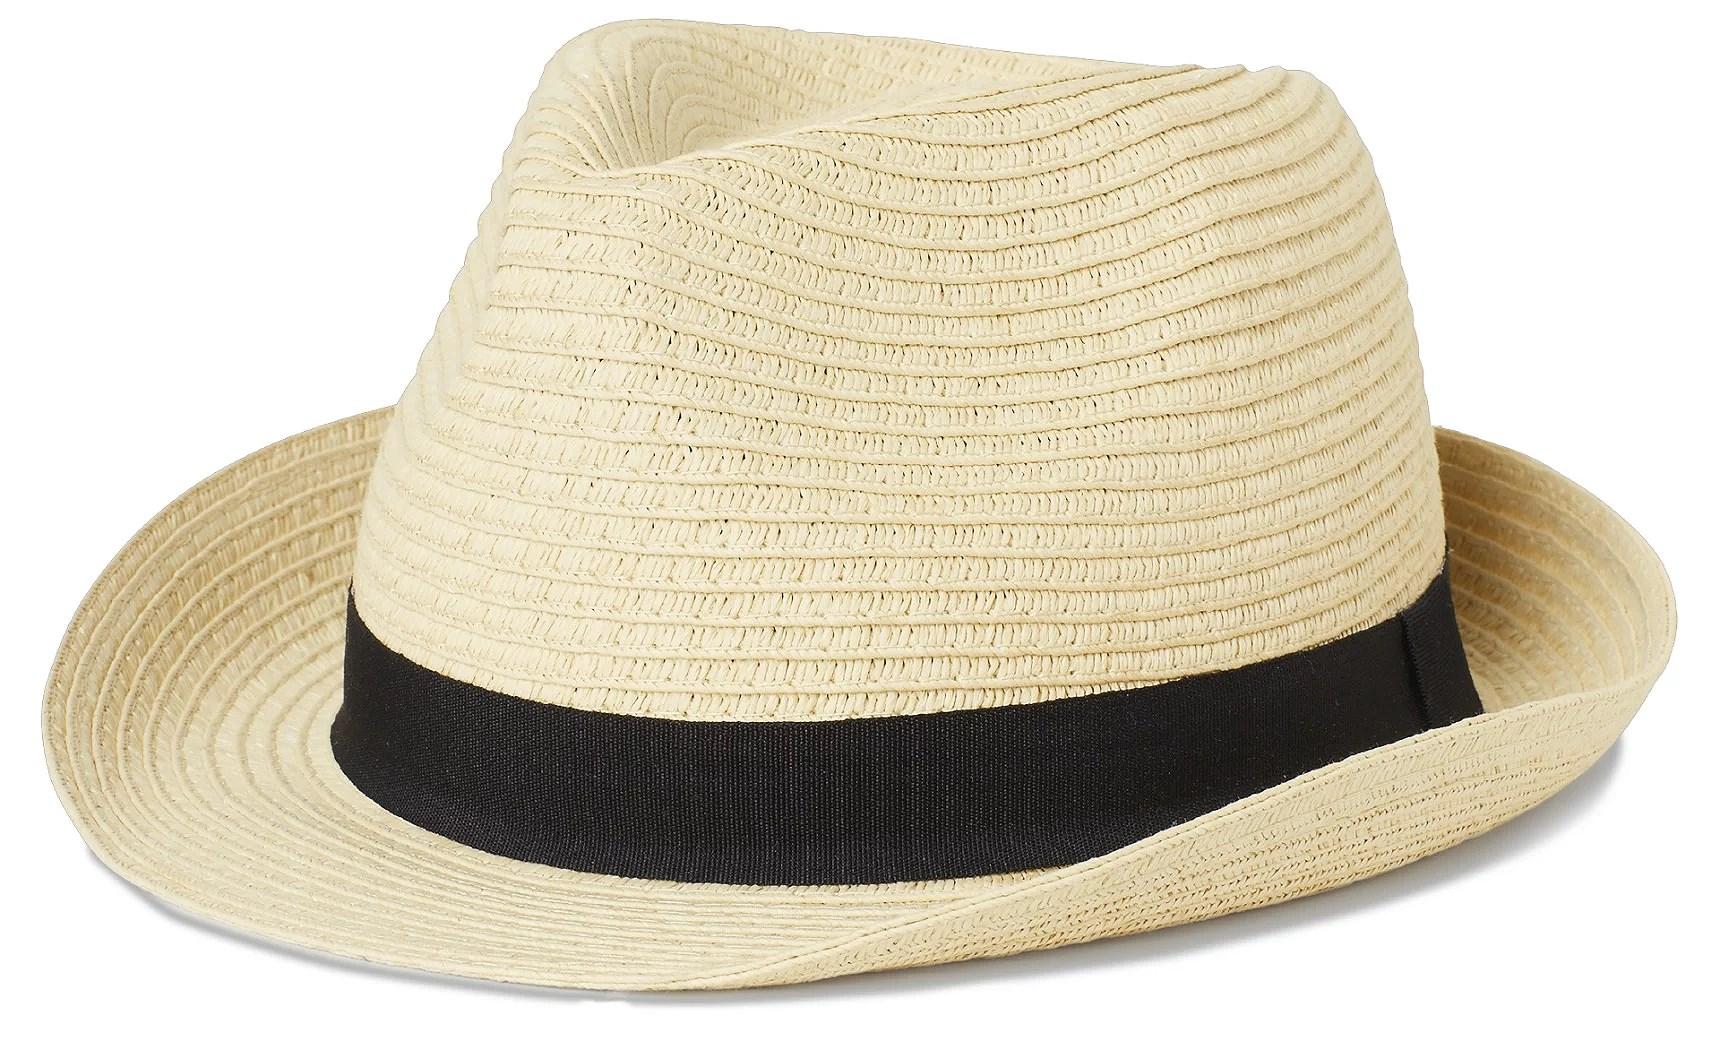 Hatten på